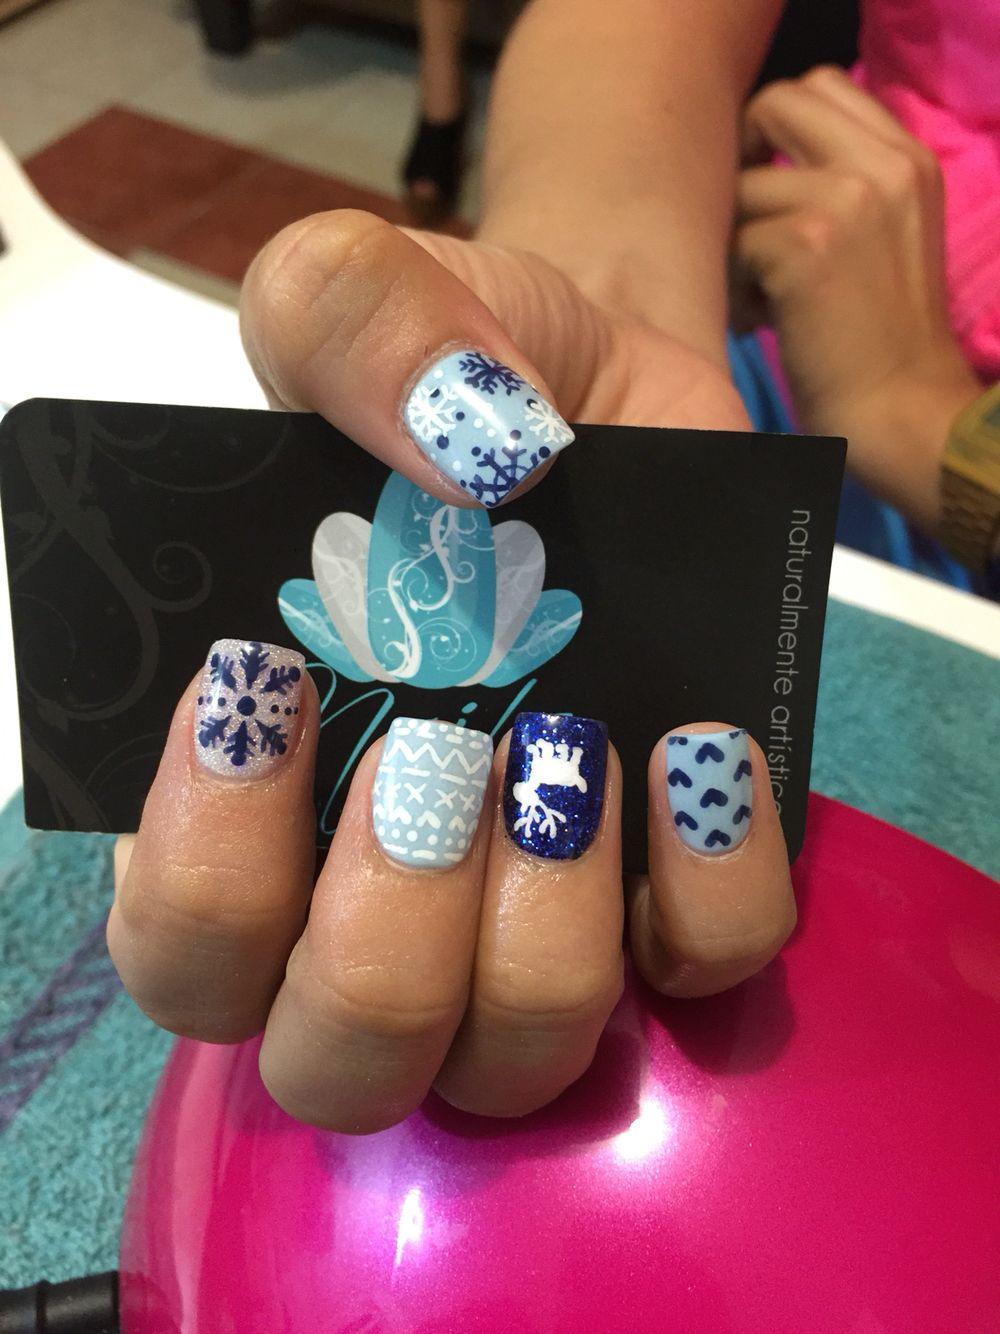 Acrylic nails nails art Christmas Nails  Nails  Pinterest  Nail